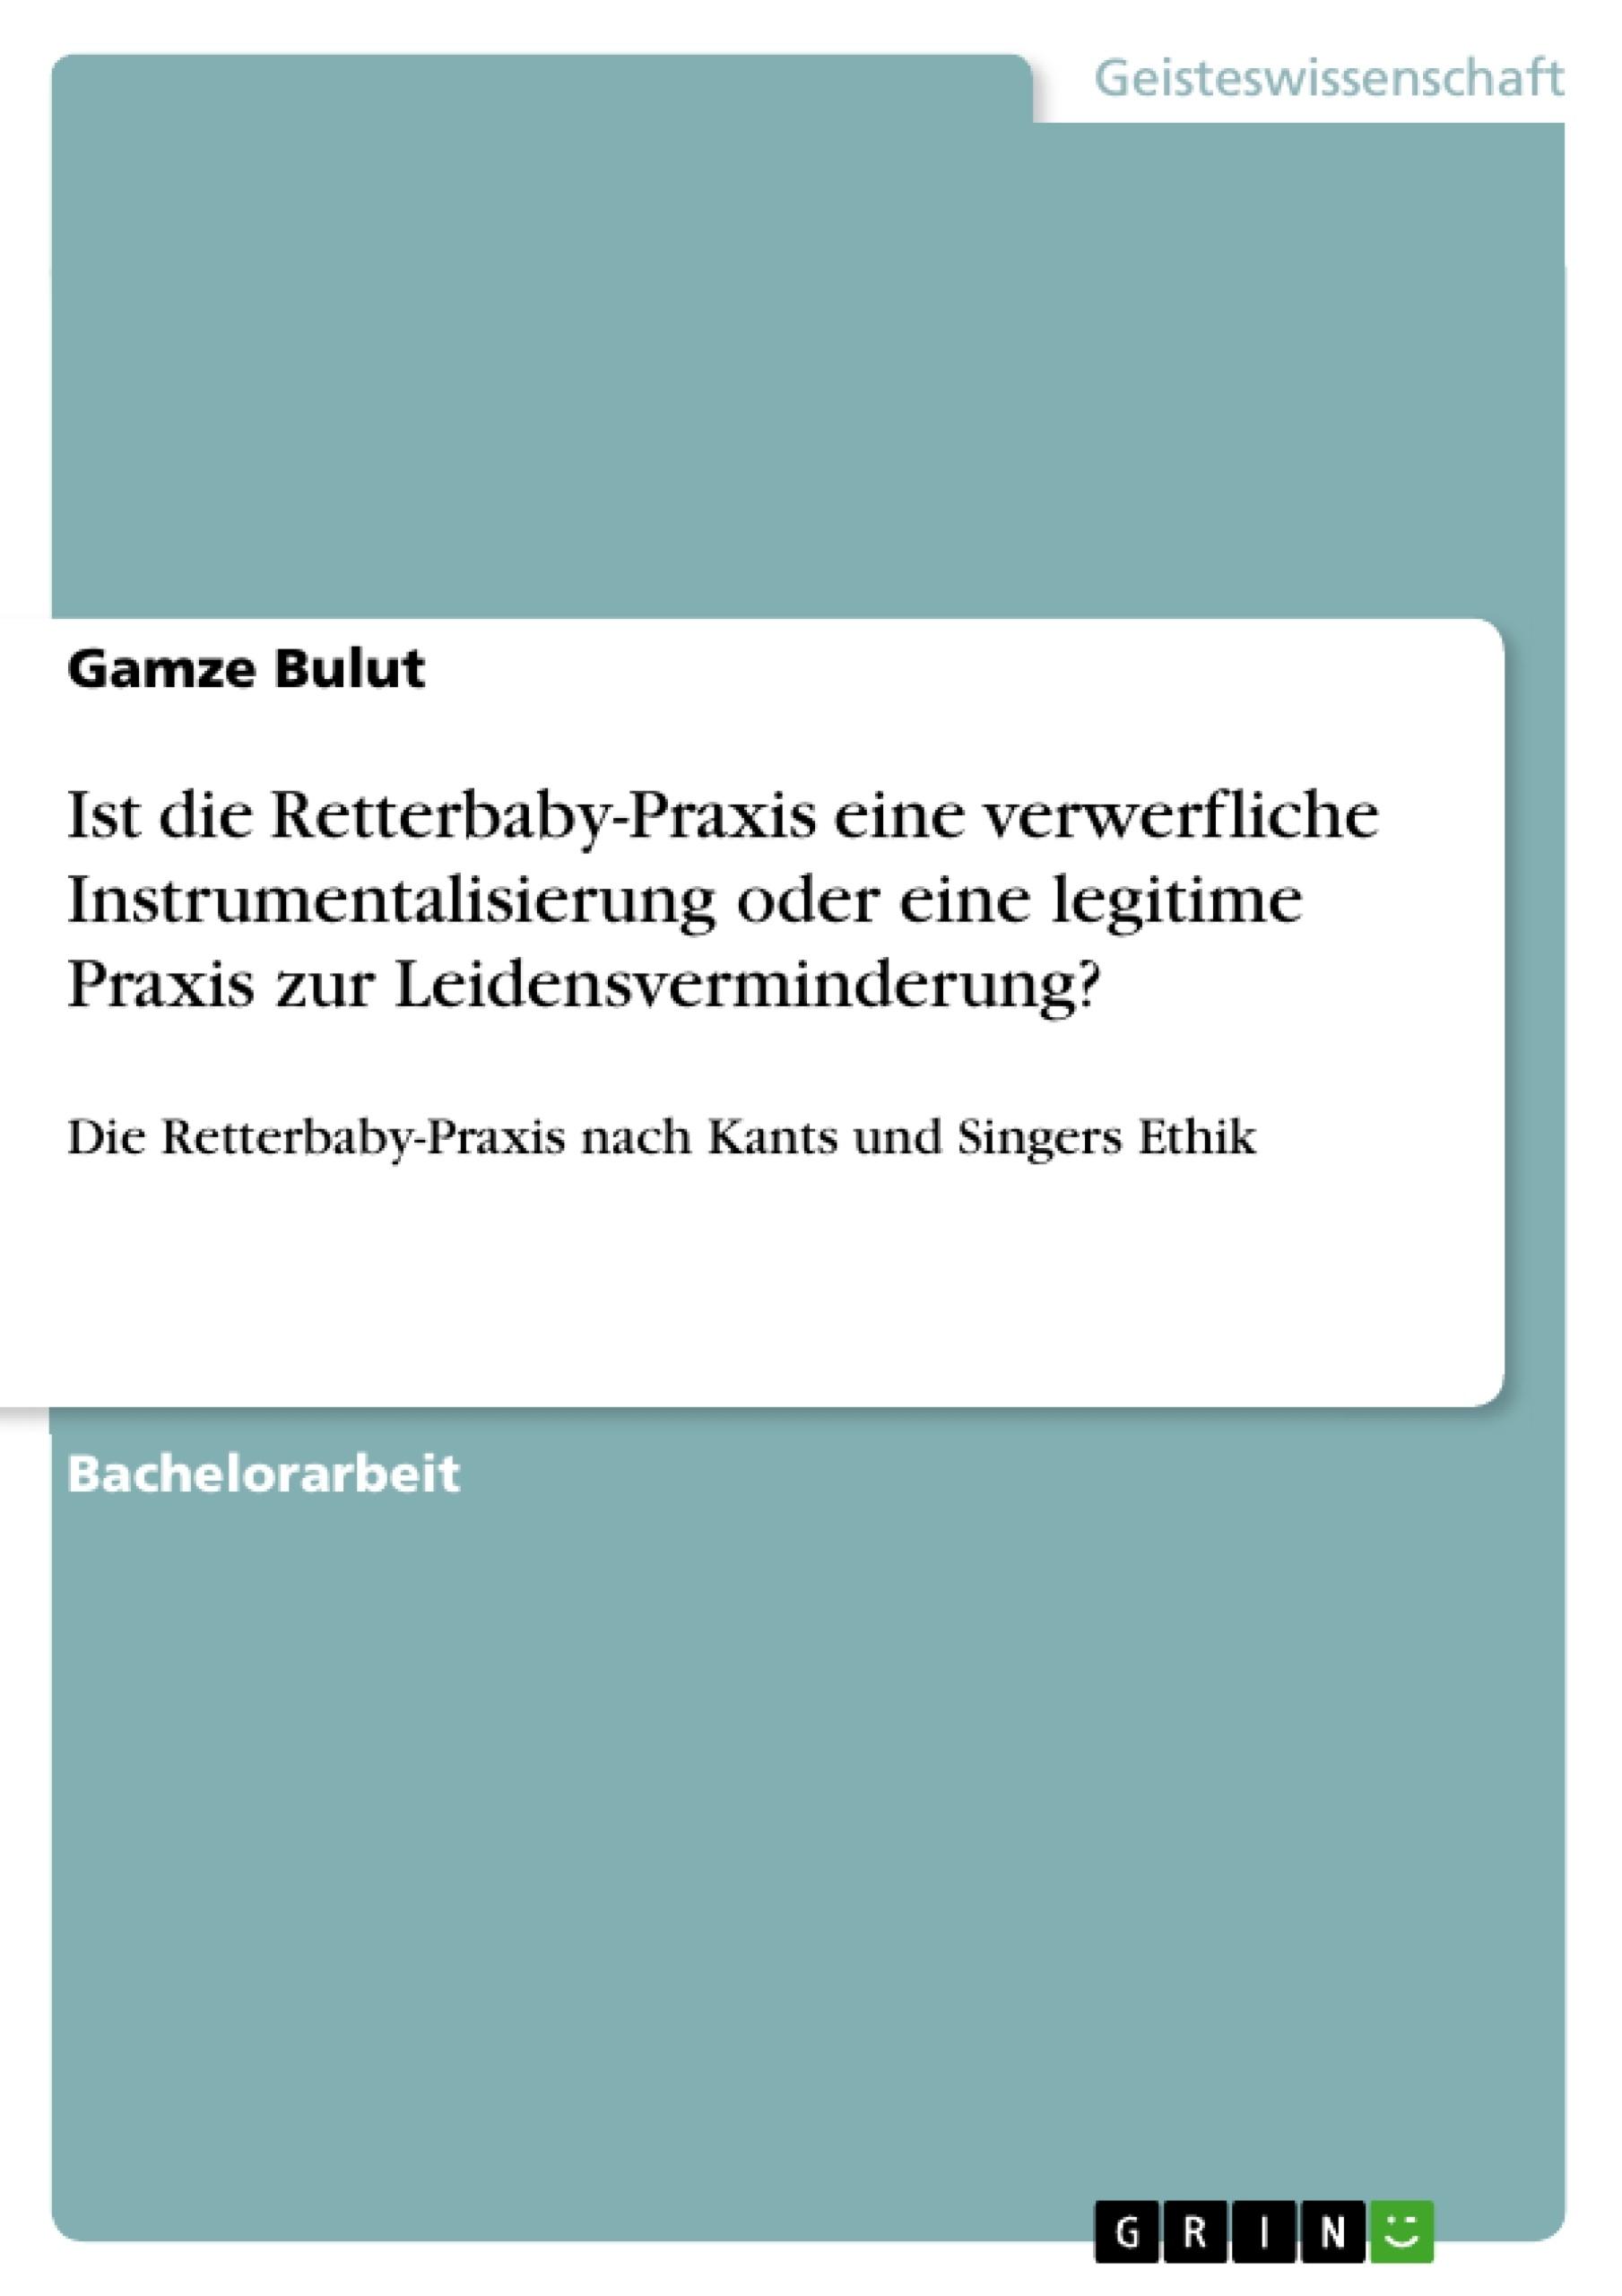 Titel: Ist die Retterbaby-Praxis eine verwerfliche Instrumentalisierung oder eine legitime Praxis zur Leidensverminderung?